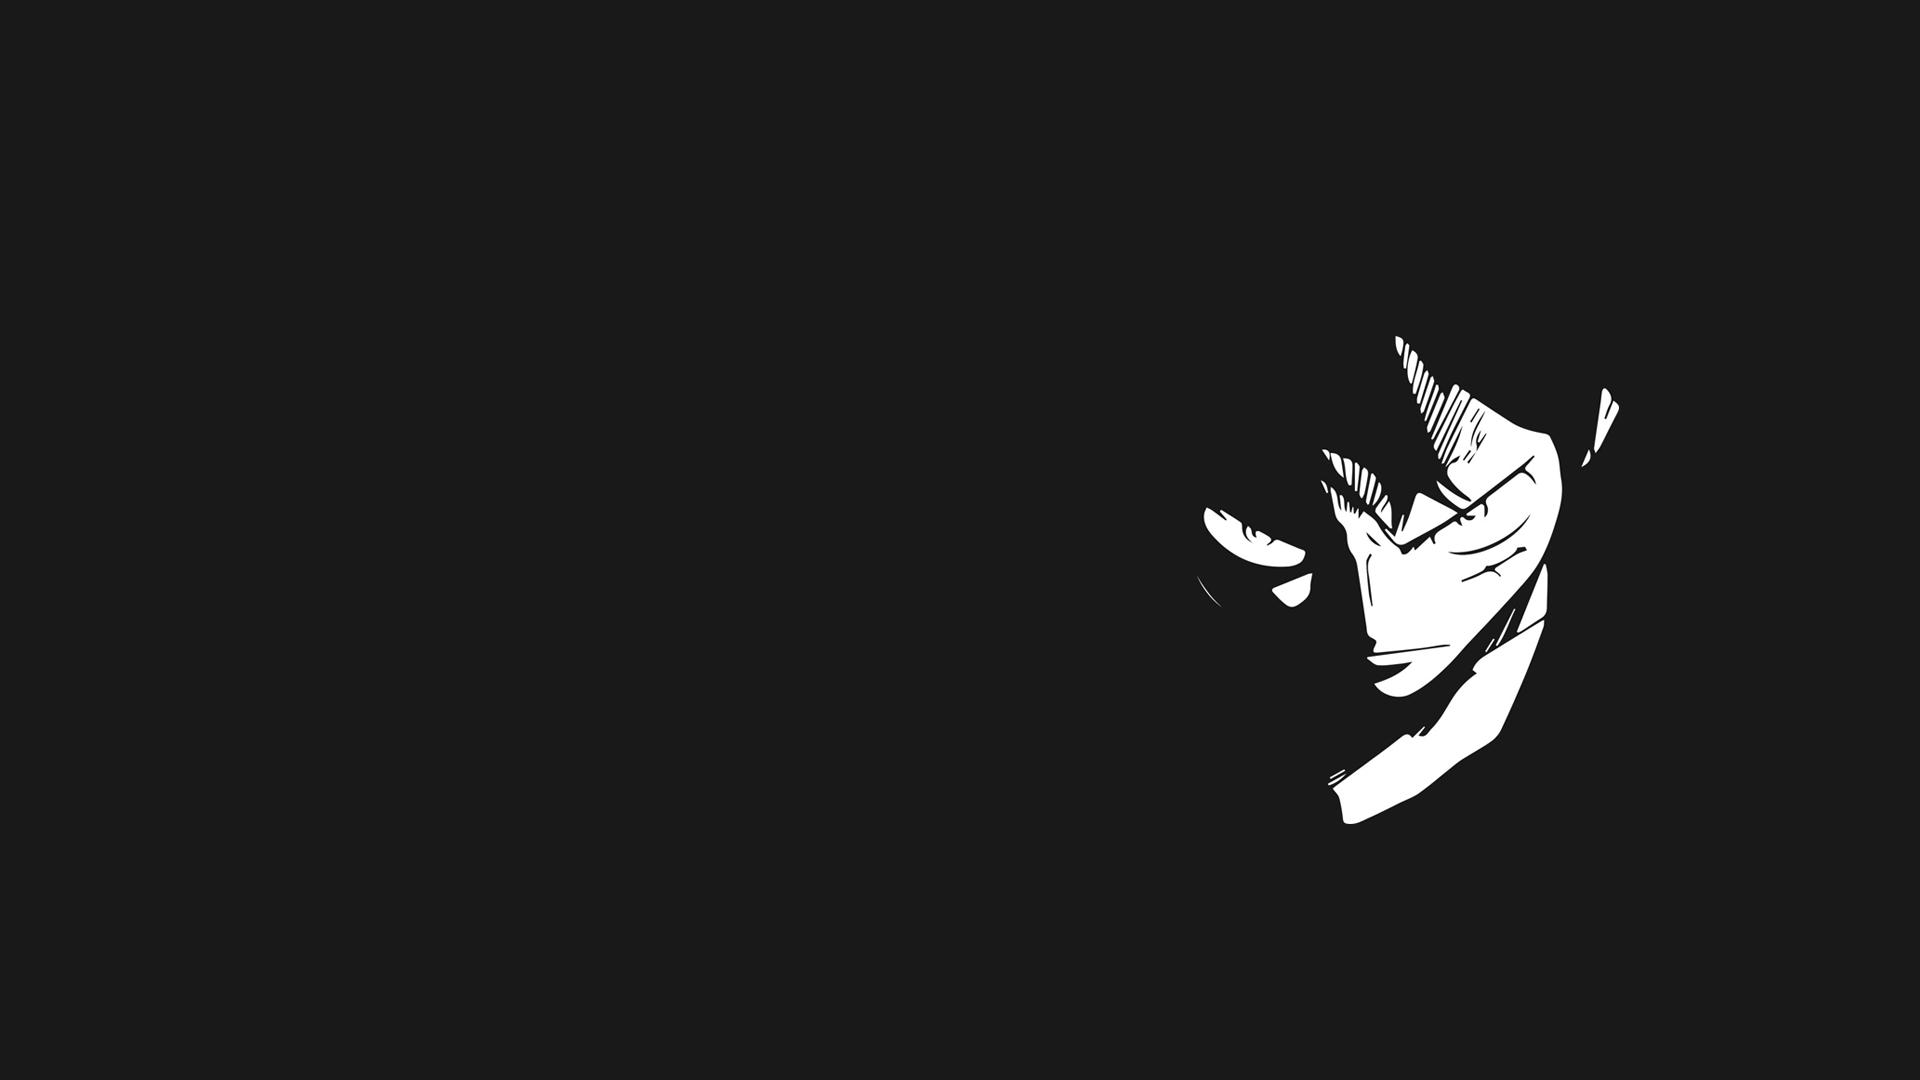 Hình nền đen trắng Luffy cực ngầu cho máy tính